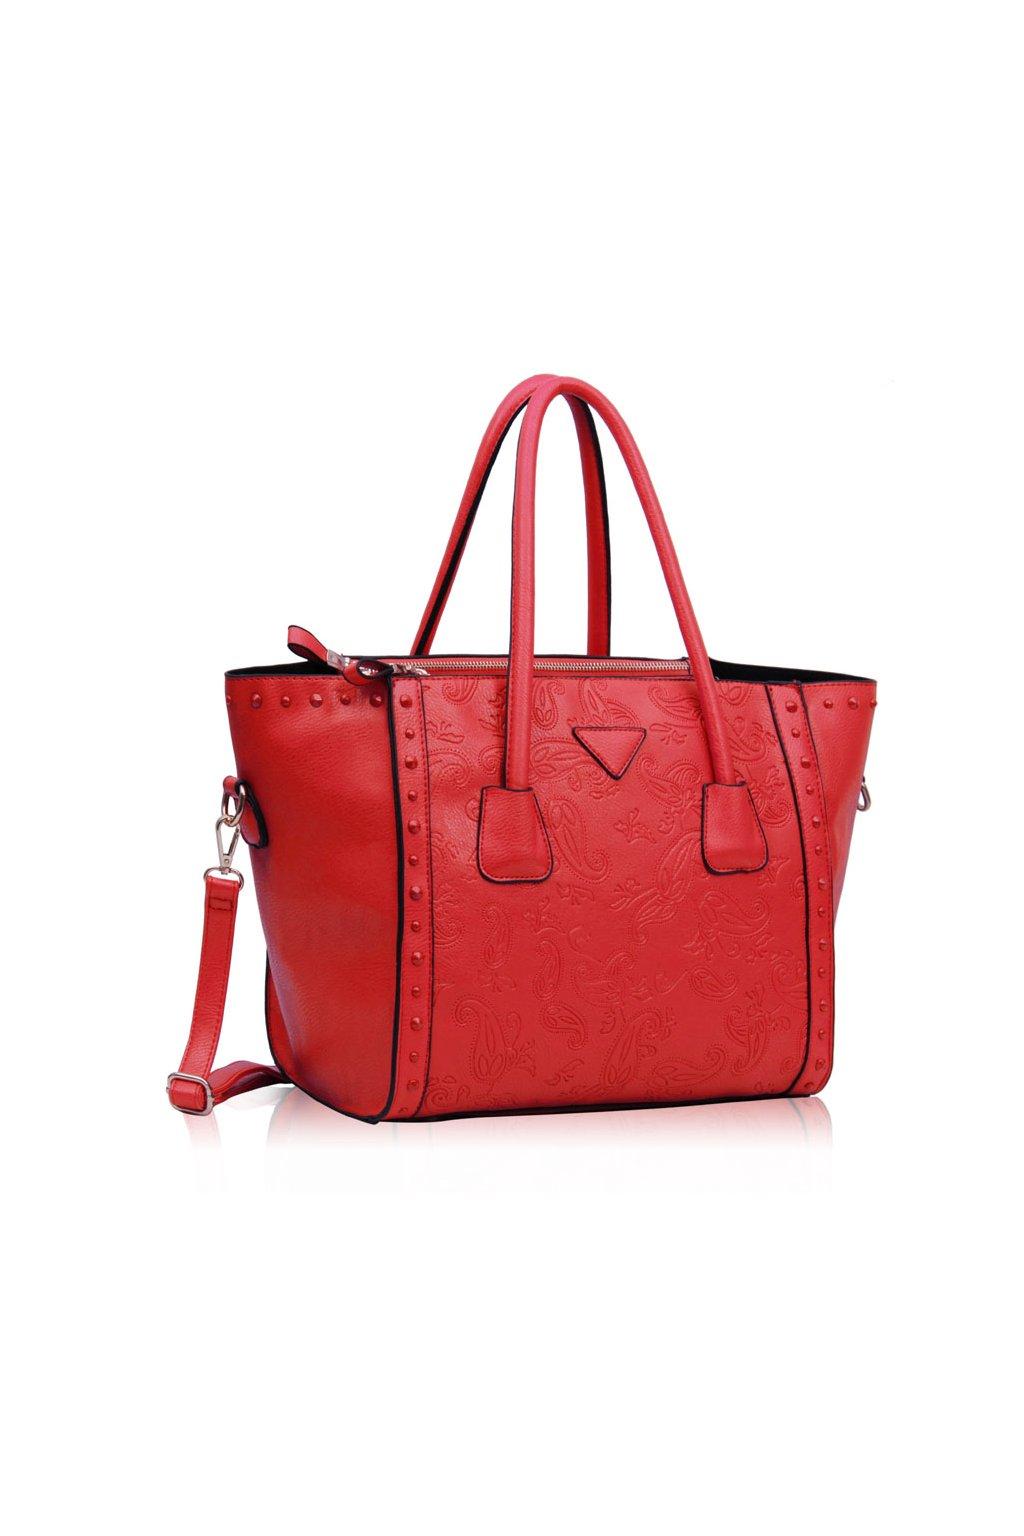 Shopper kabelka do ruky Adele červená LS00213